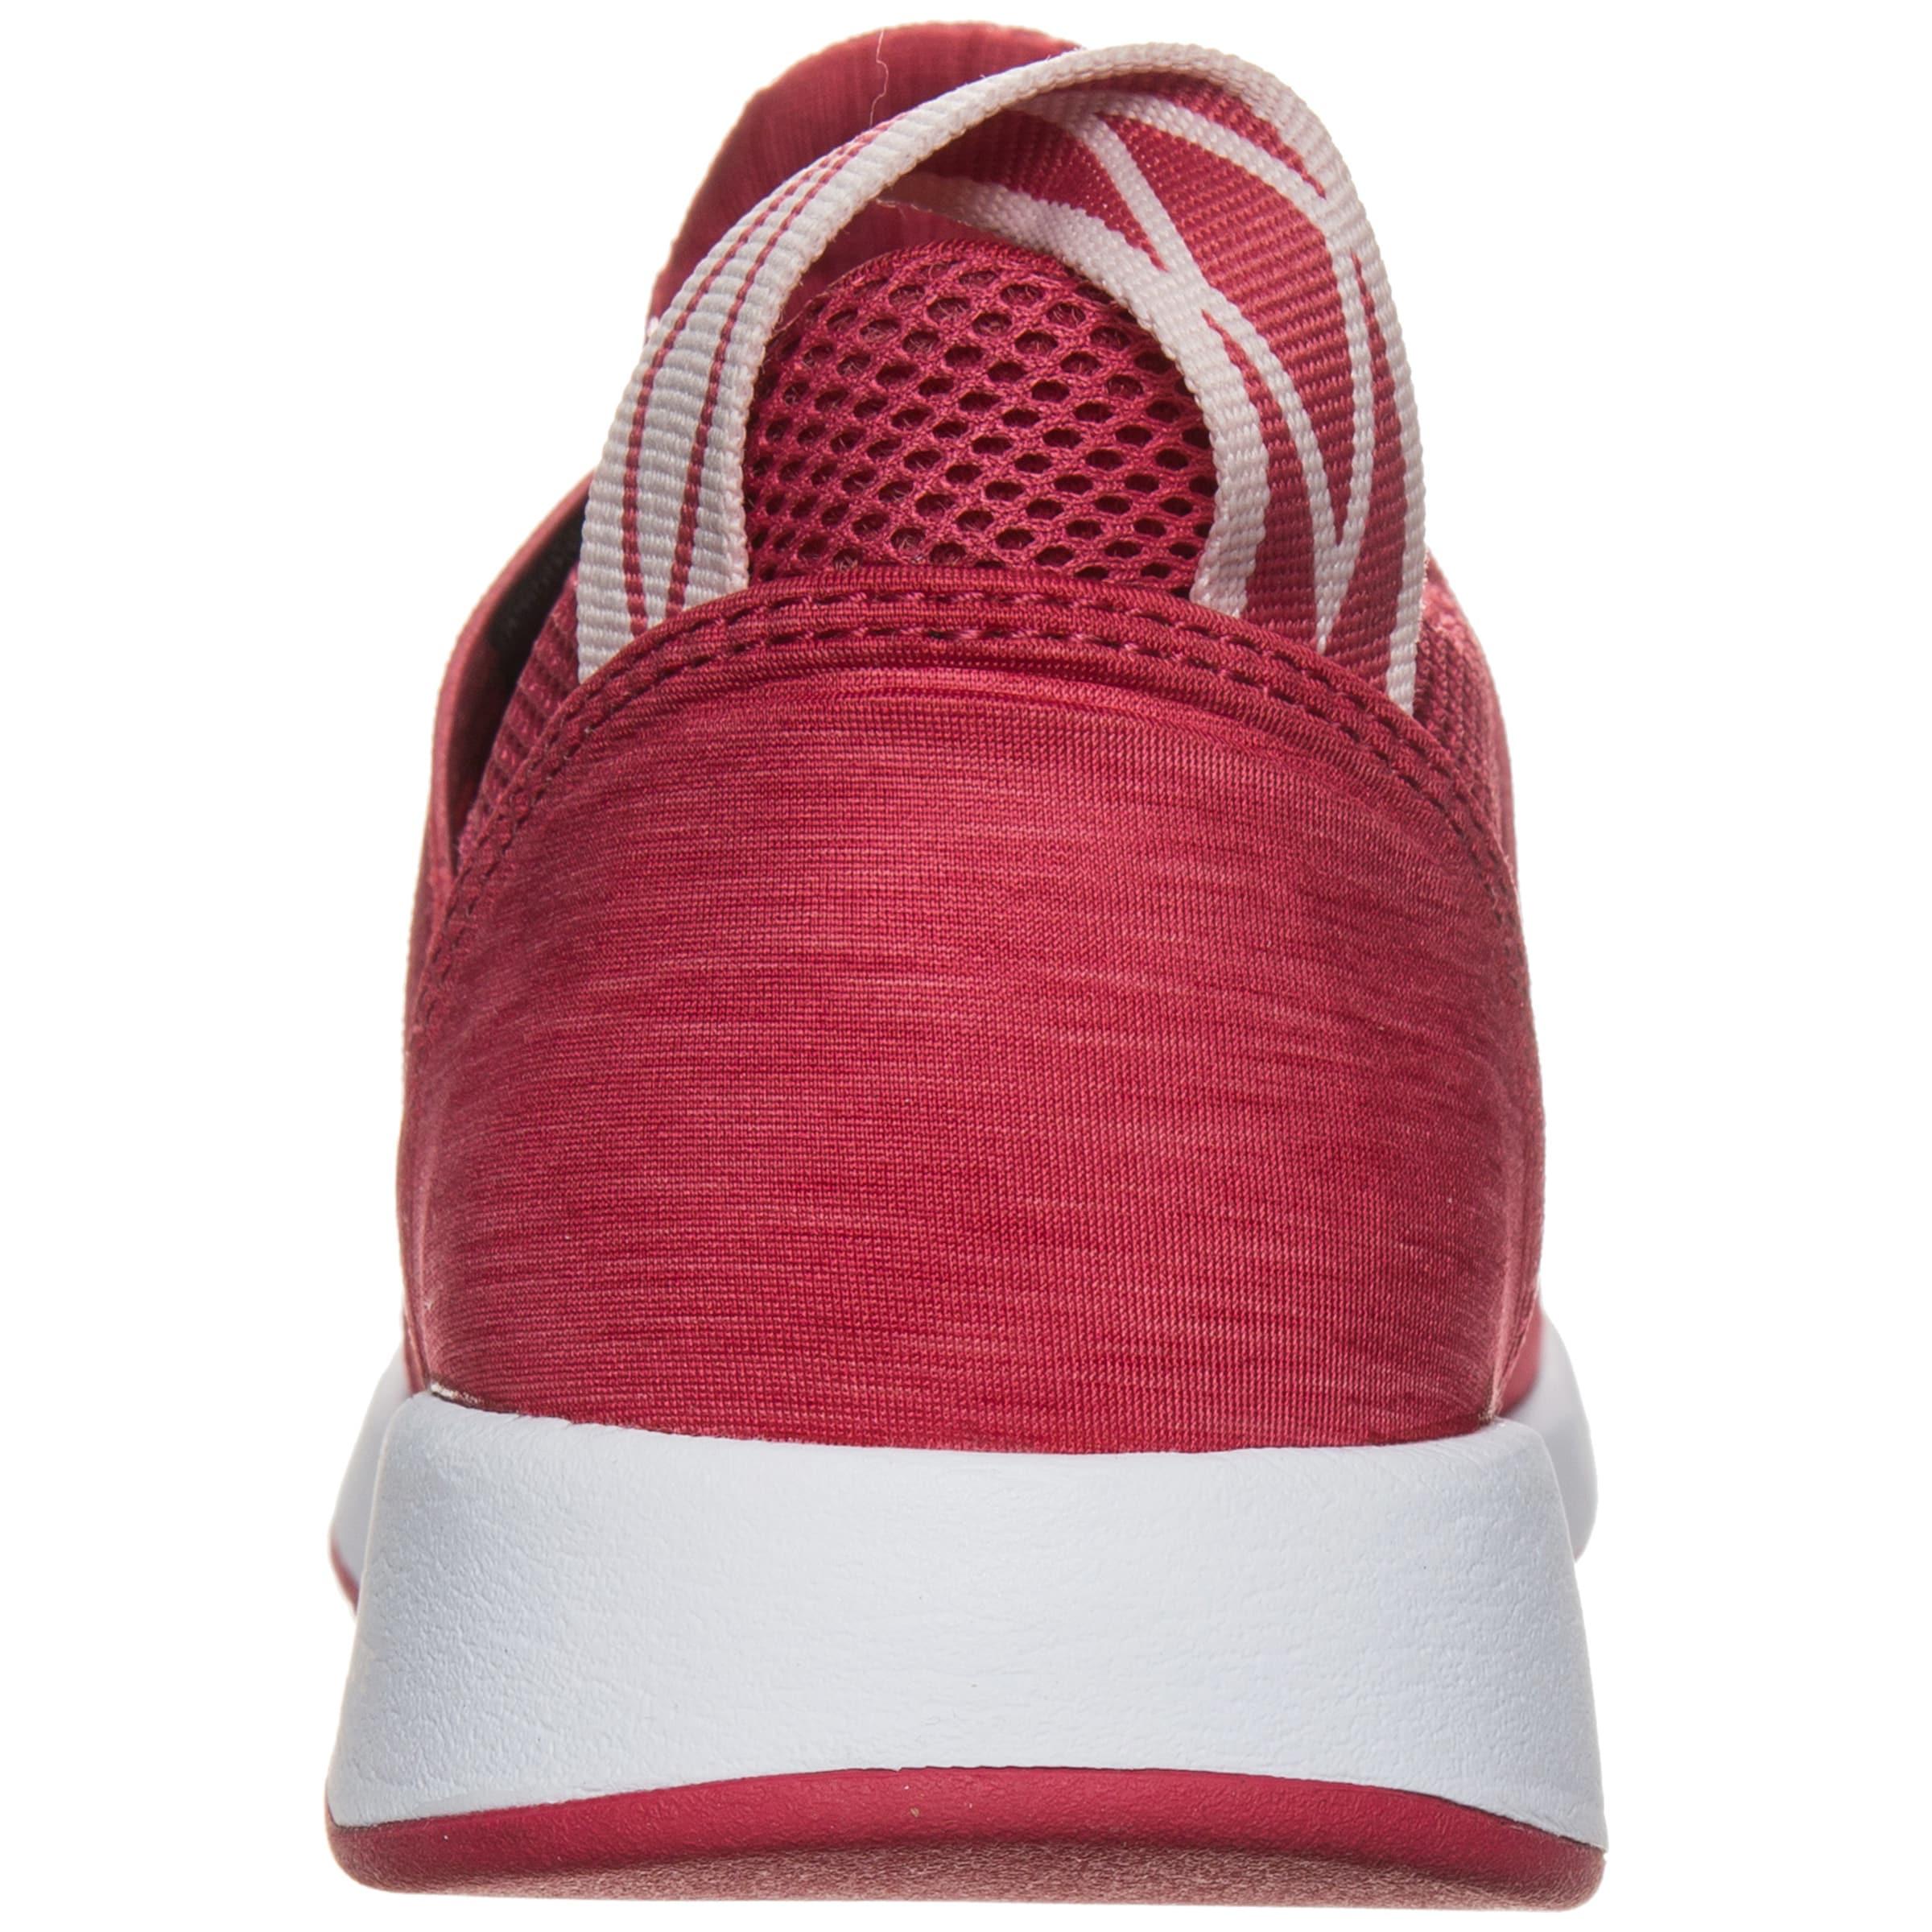 Günstig Kaufen Billigsten new balance Slip-On Sneaker Billig Verkauf Beruf Spielraum Neue Stile Neue Stile Günstiger Preis 2hOOxGj